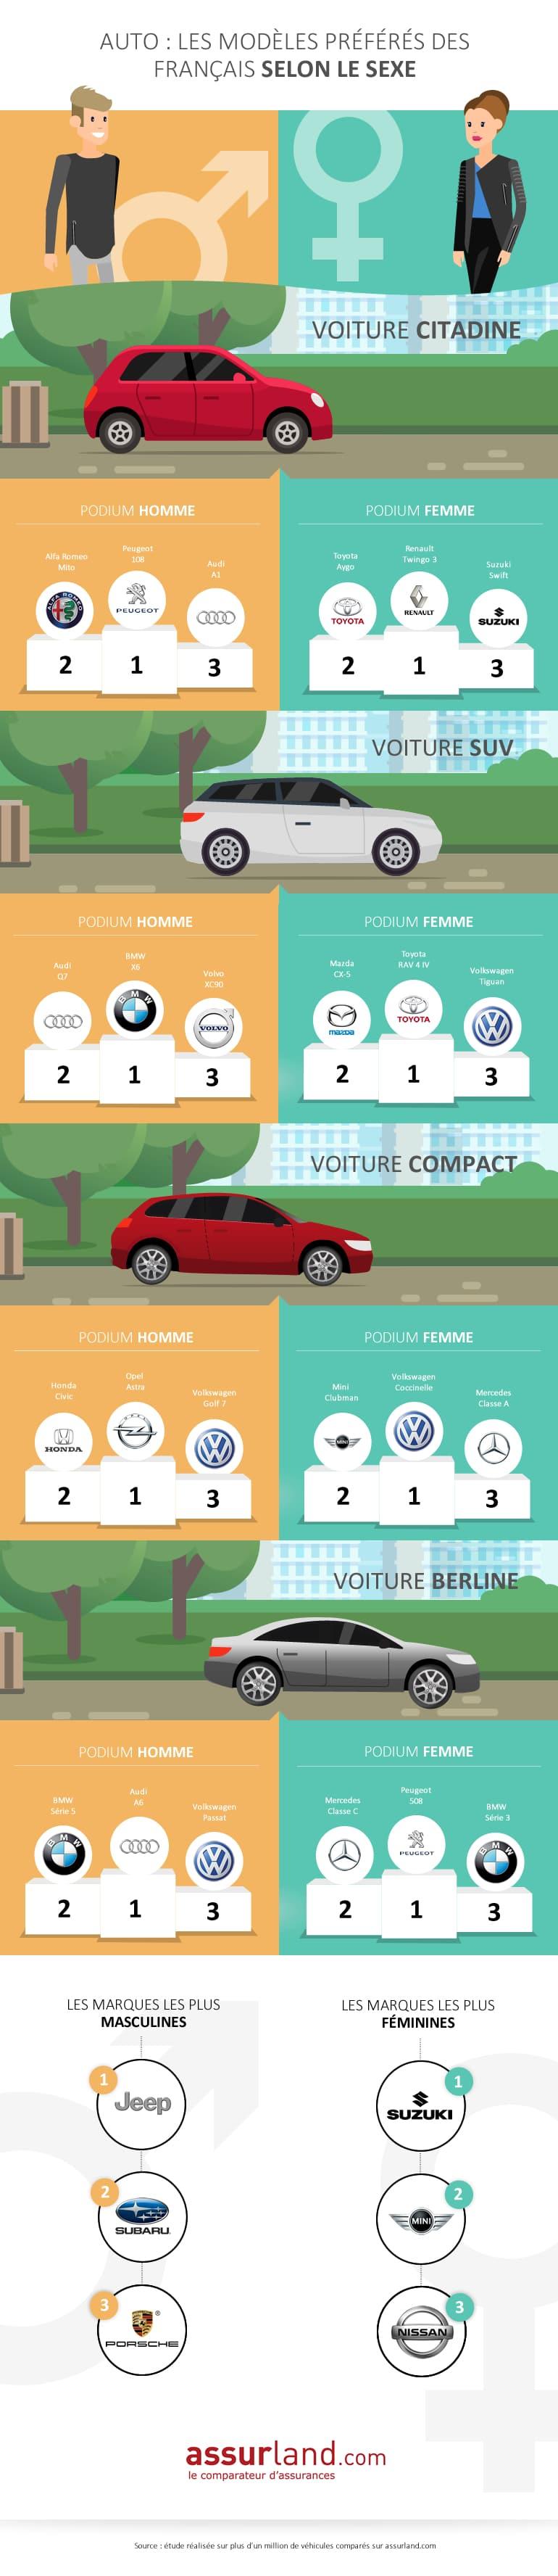 Infographie auto pour homme vs femme Assurland